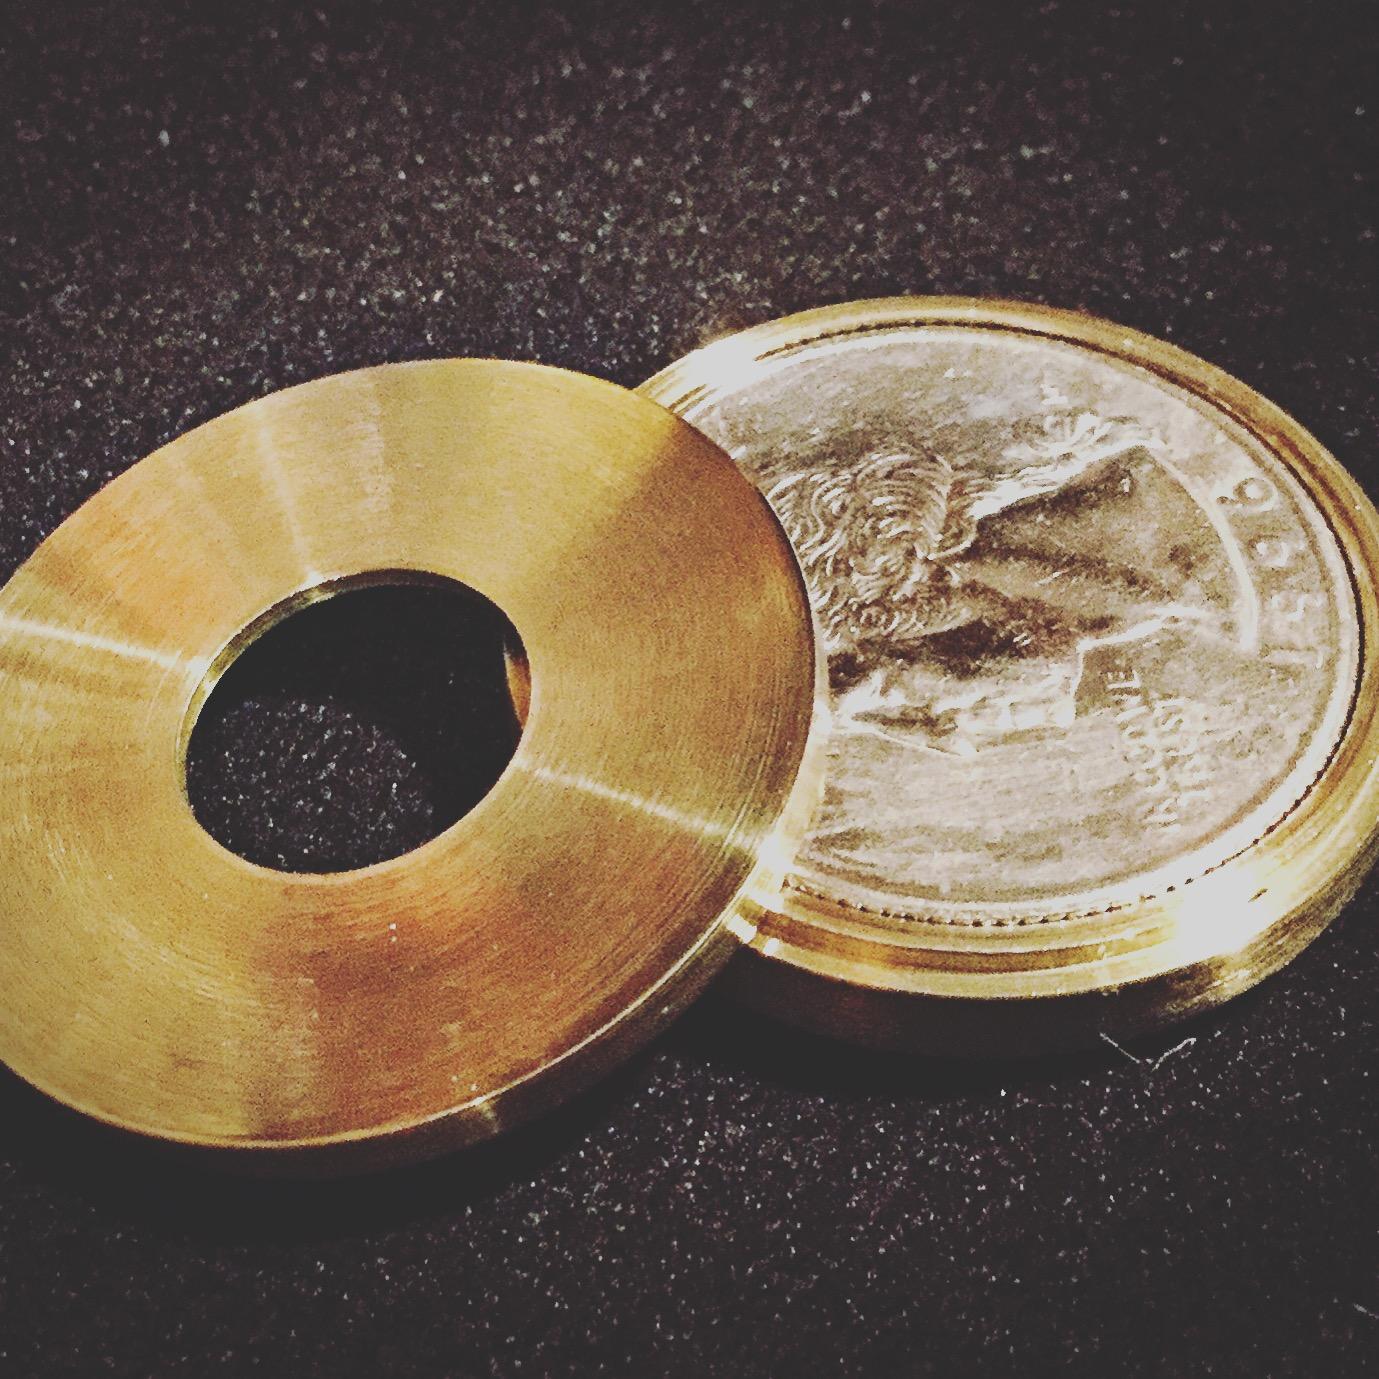 itoshito coin vanish